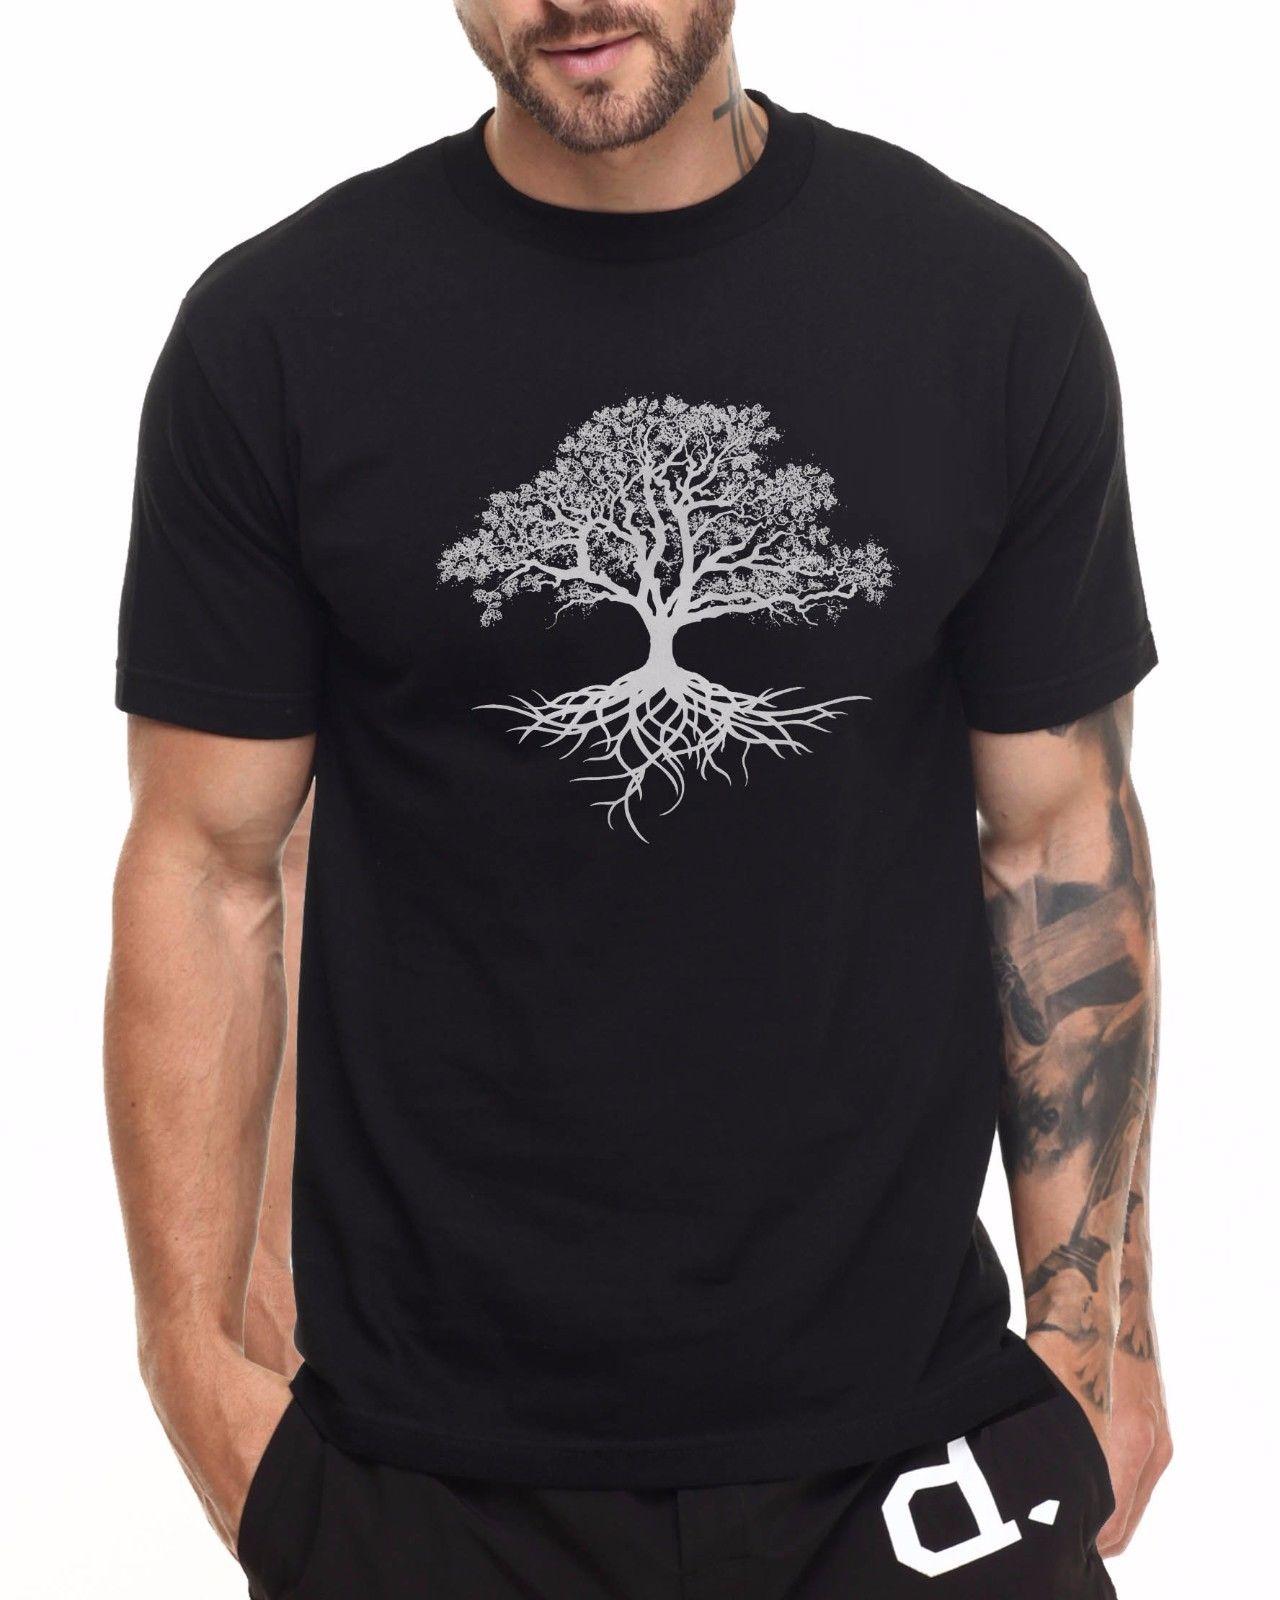 Árbol de la vida T SHIRT WICCA druida jardín pagano mangas cortas algodón moda envío gratis Camiseta 100% camisetas de algodón